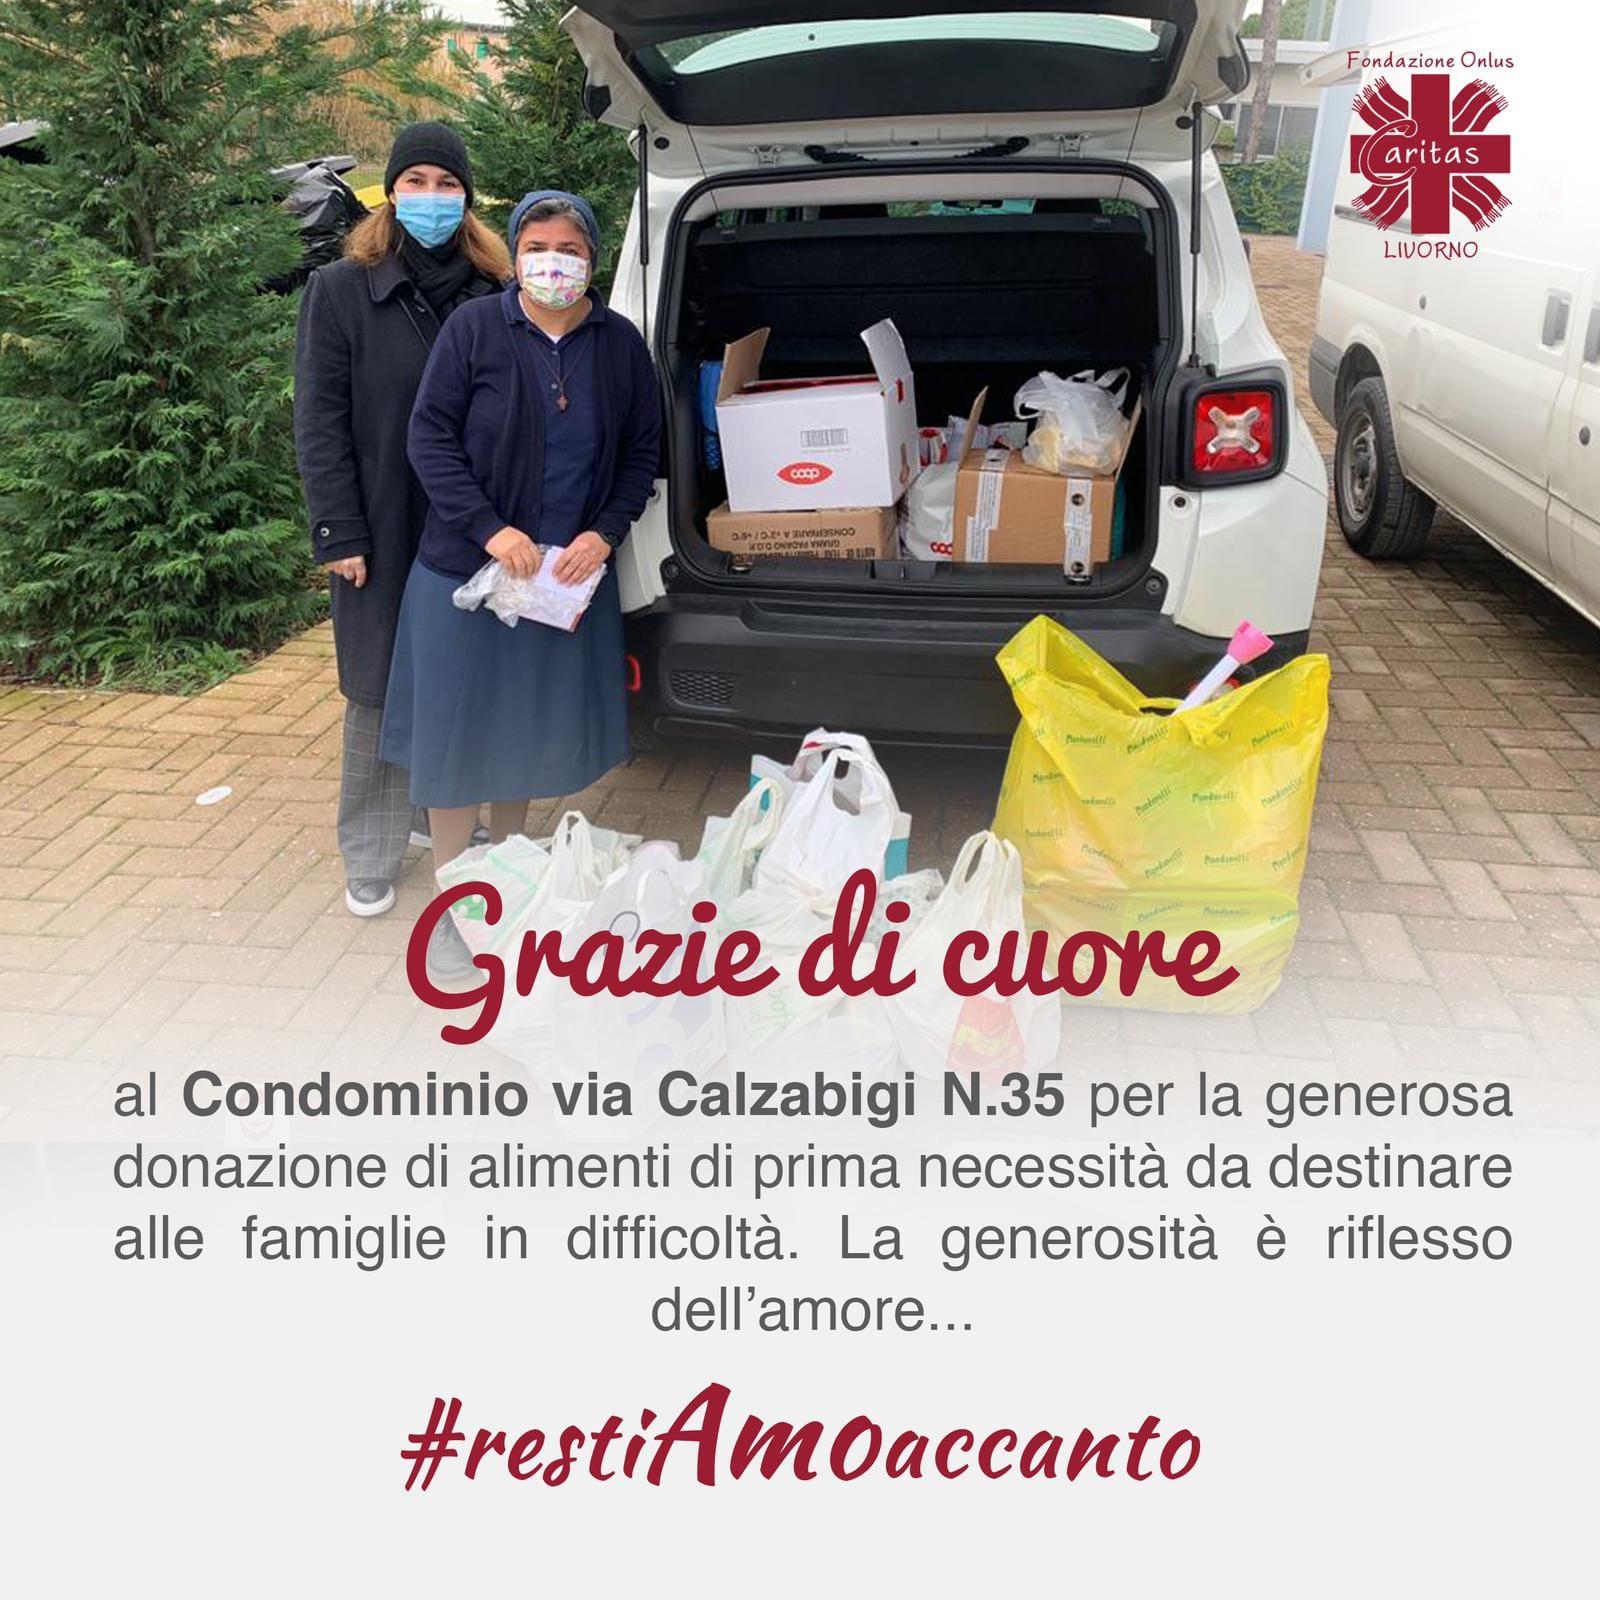 Grazie al Condominio via Calzabigi n.35 per la generosa donazione